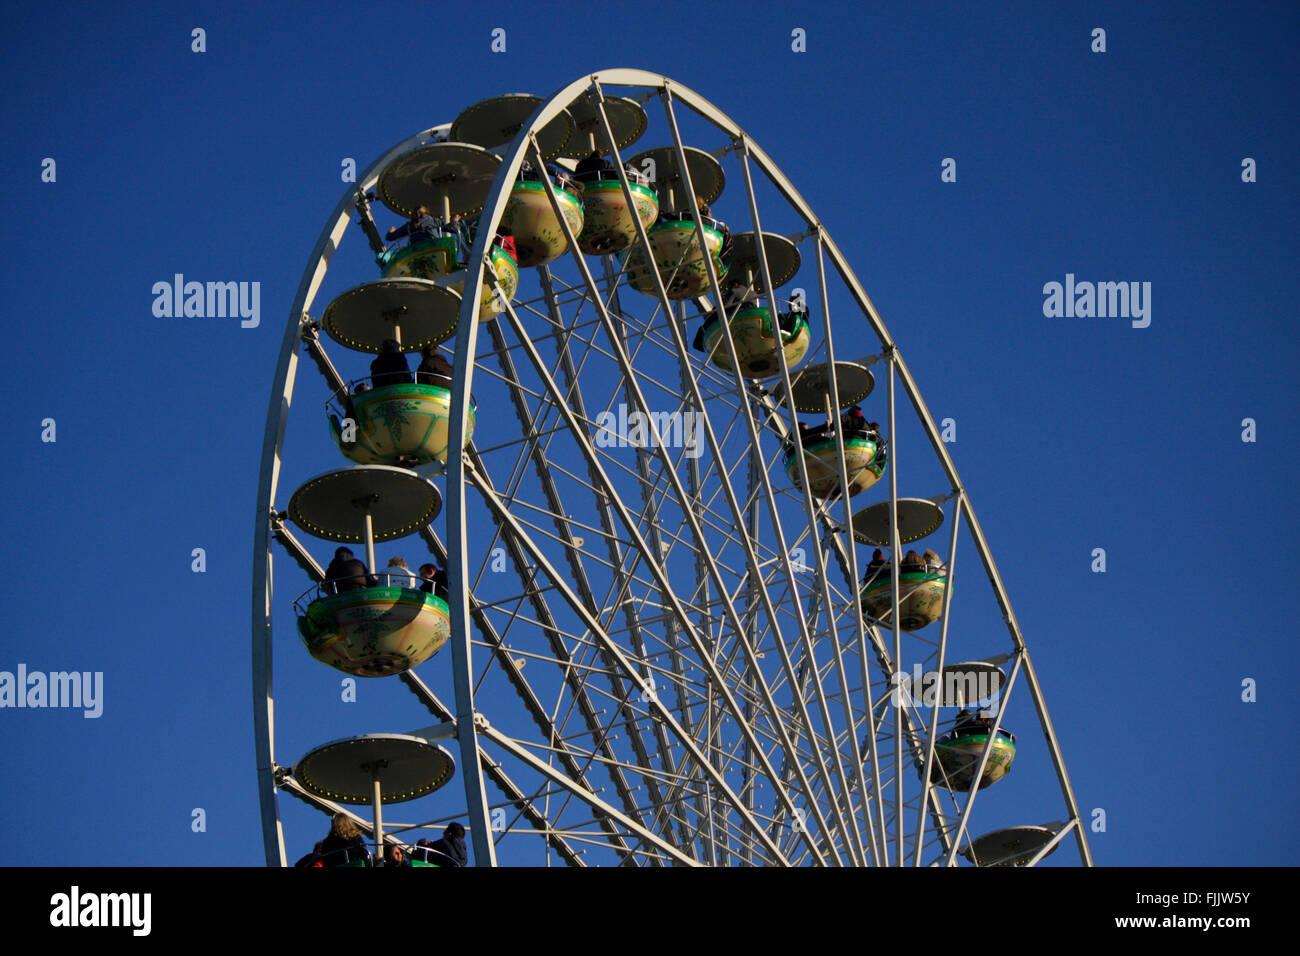 Riesenrad, Berlin-Tiergarten. - Stock Image